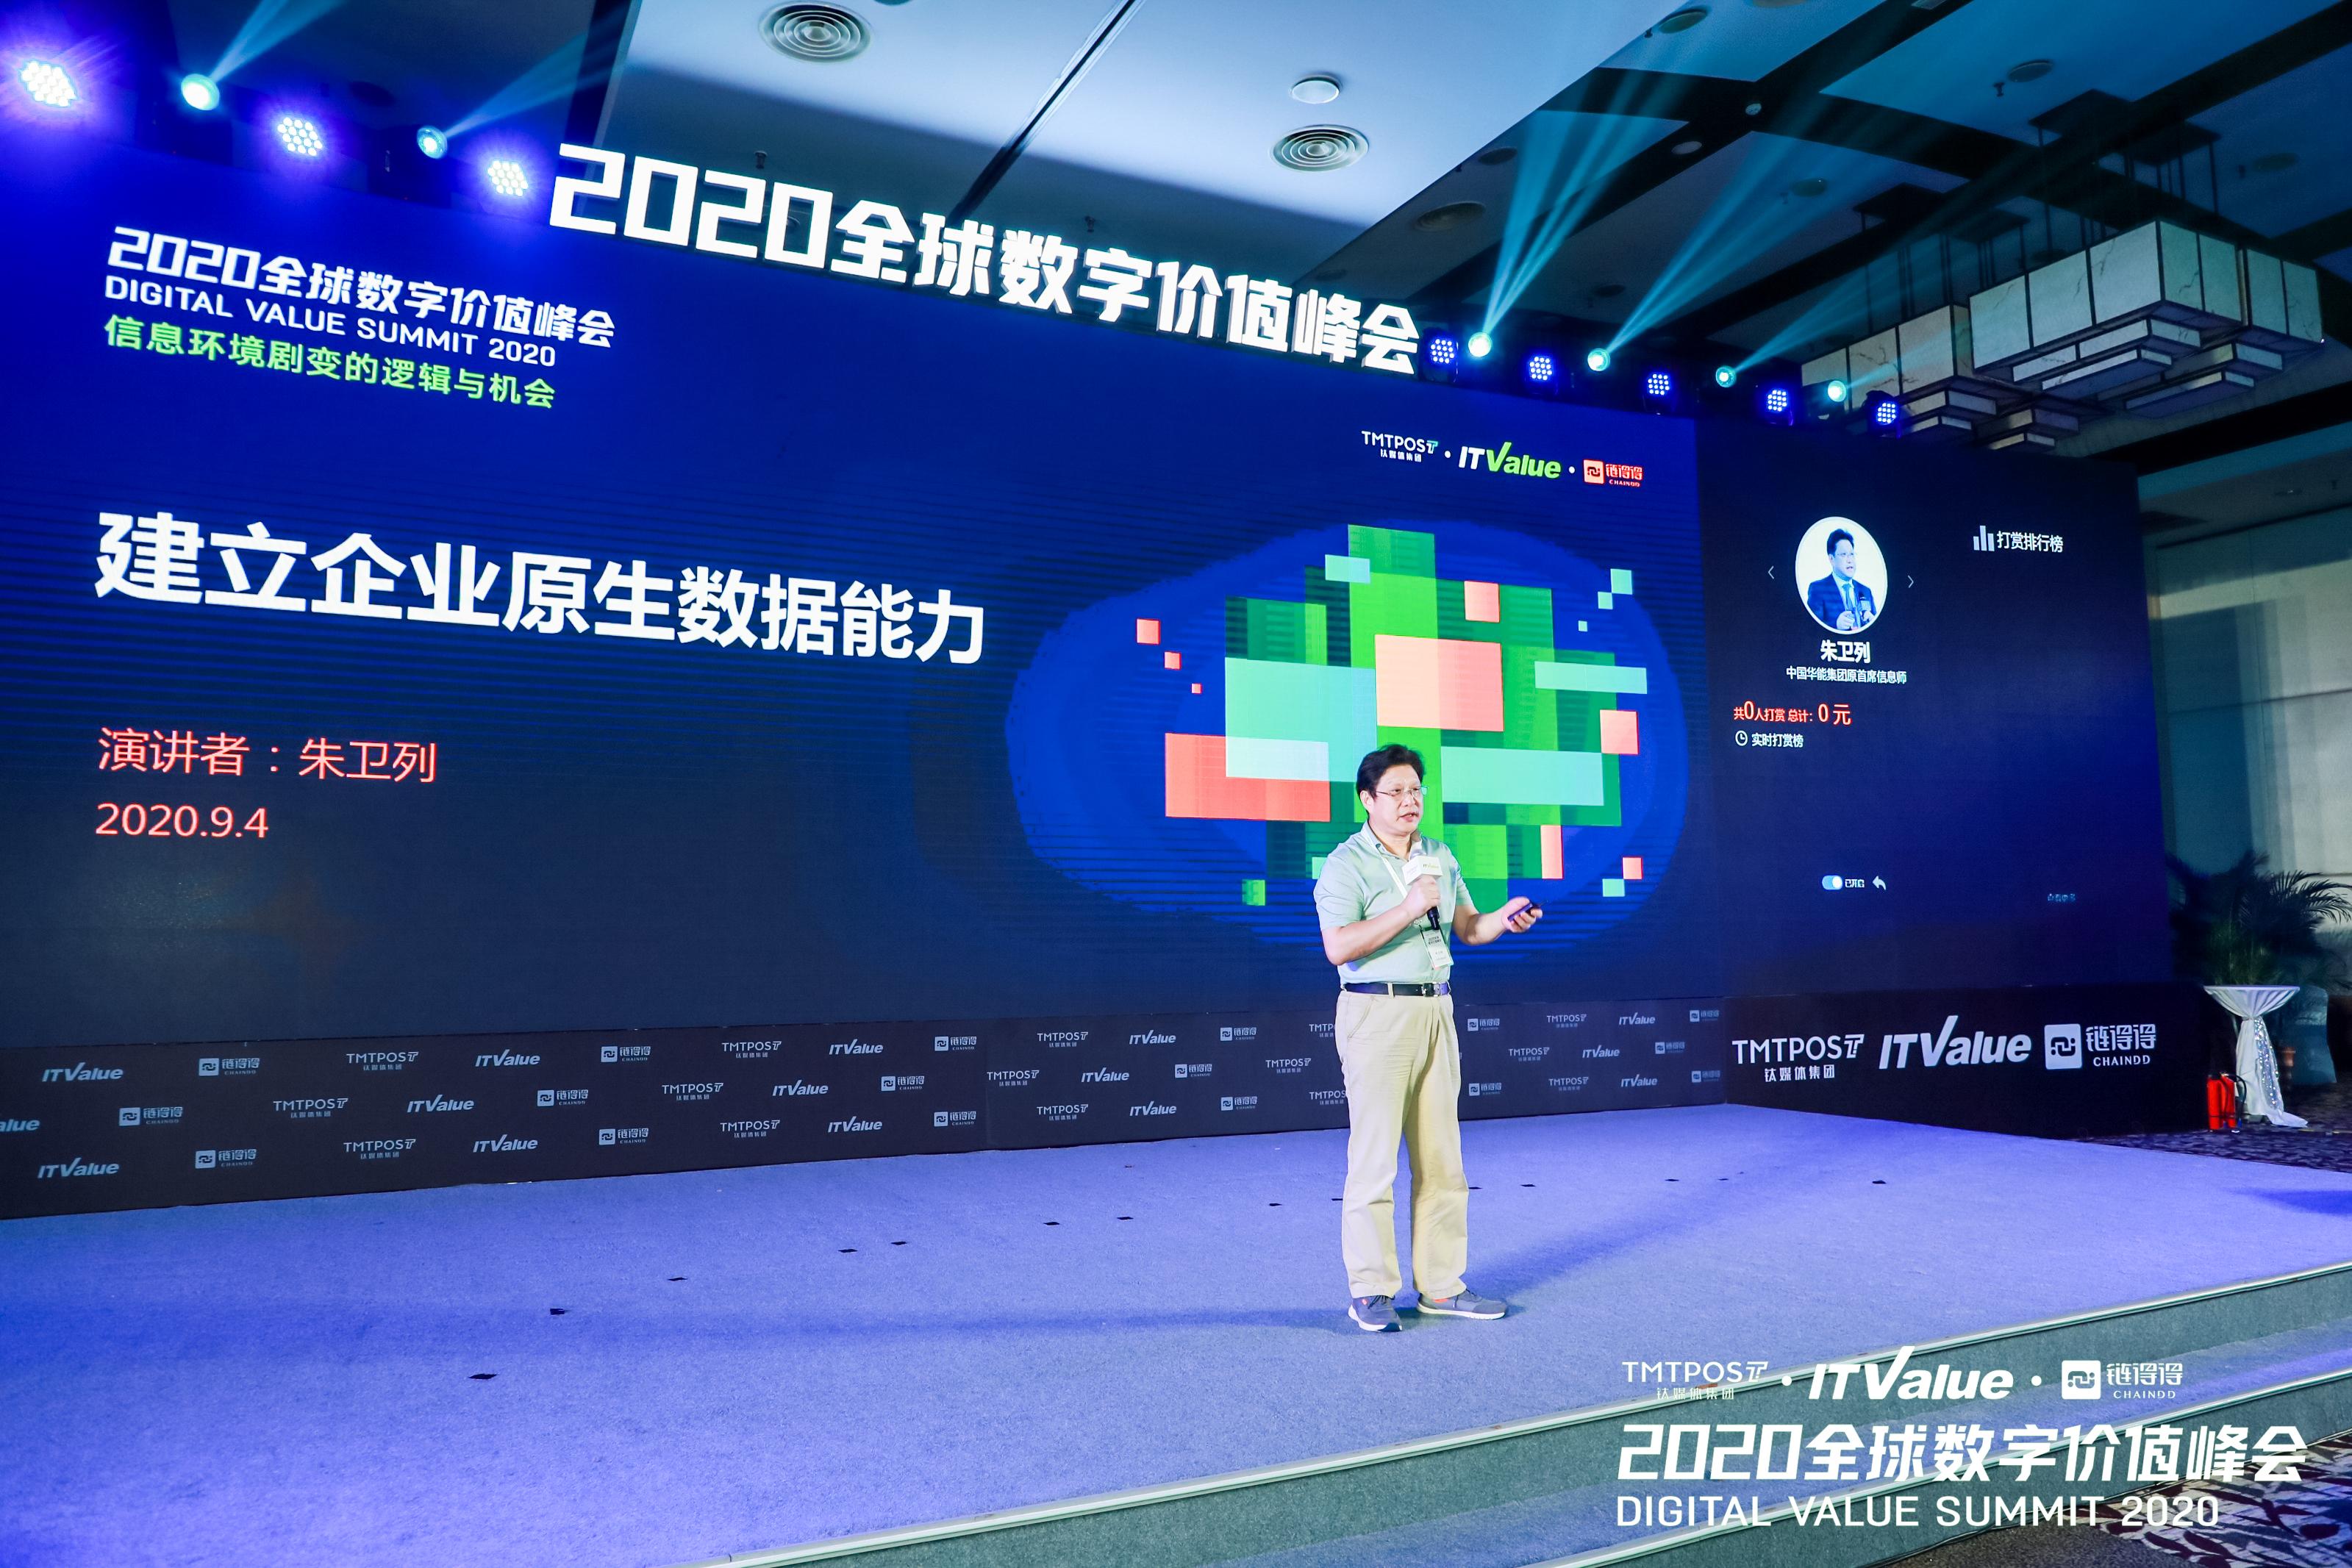 朱卫列:企业原生数据能力提升的意义与方法   2020全球数字价值峰会